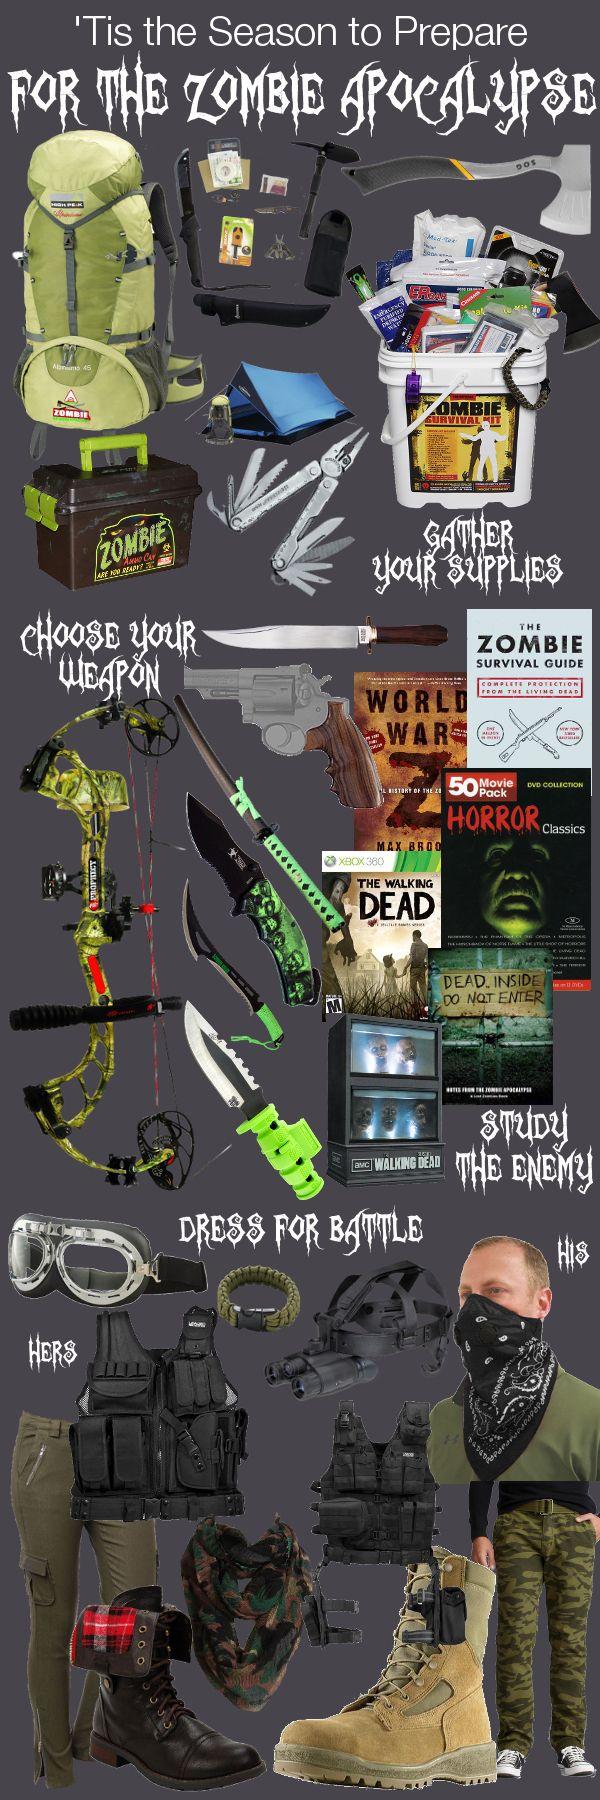 Survival Zombie Apocalypse:  'Tis the Season to Prepare for the #Zombie #Apocalypse.